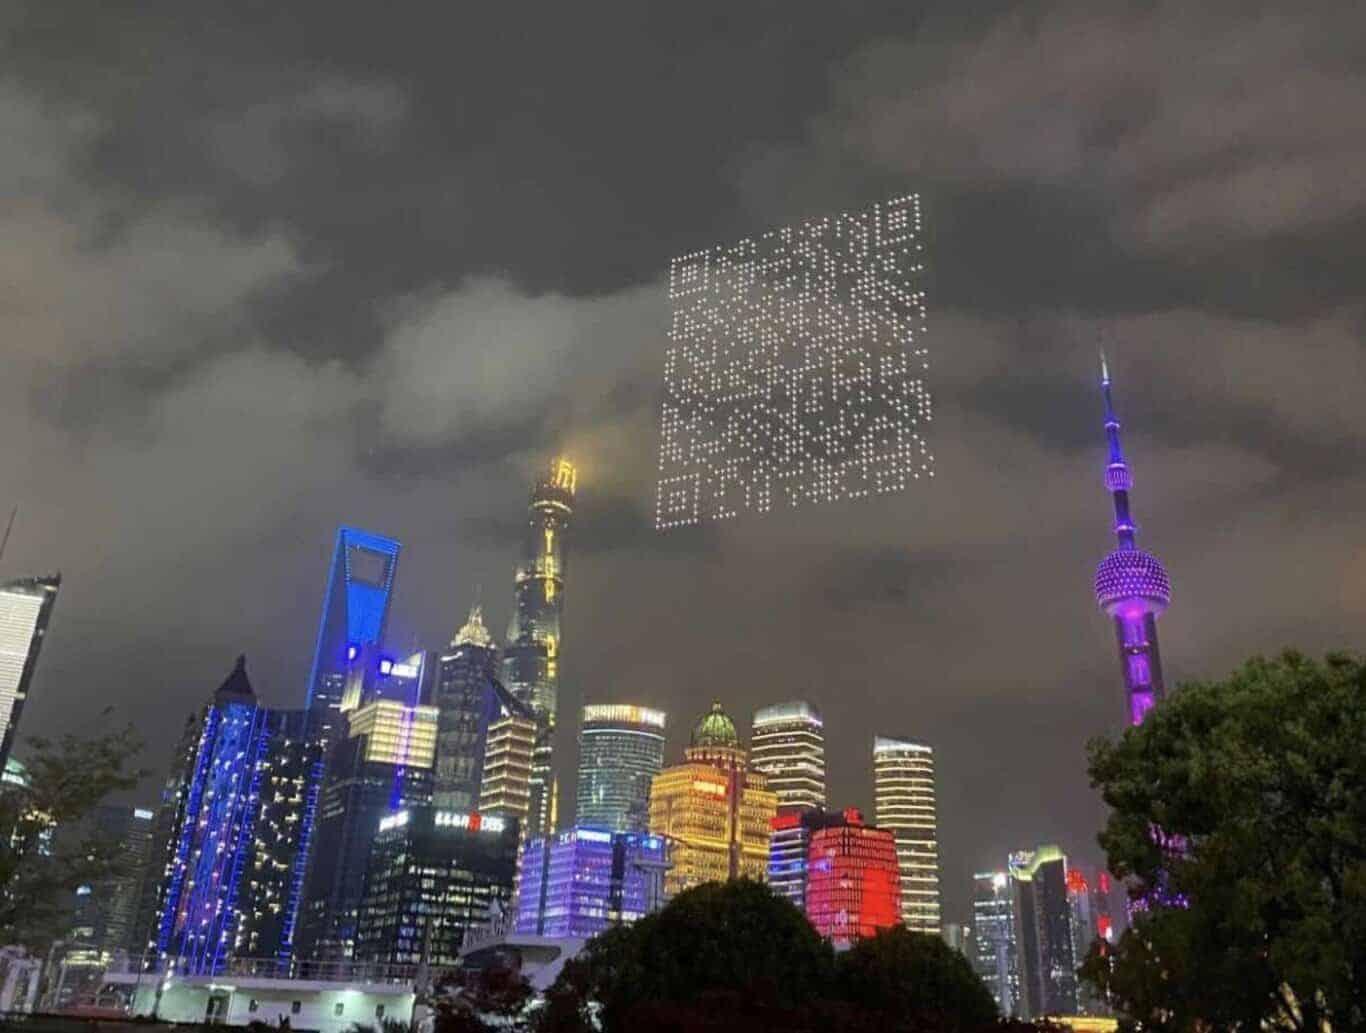 drones-código-qr-gigante-shangai-china